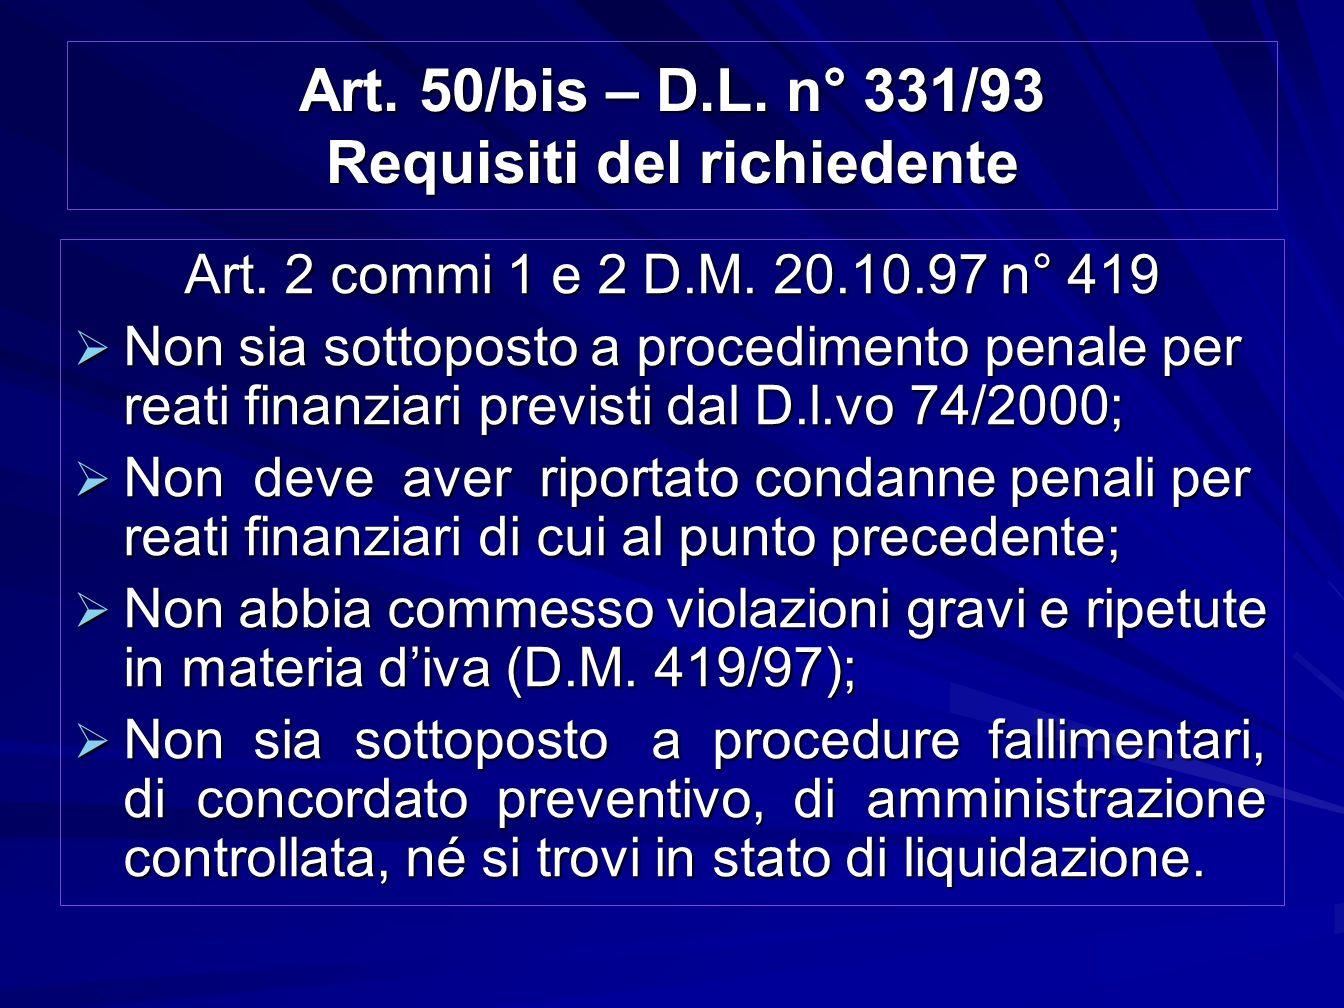 Art. 50/bis – D.L. n° 331/93 Requisiti del richiedente Art. 2 commi 1 e 2 D.M. 20.10.97 n° 419 Non sia sottoposto a procedimento penale per reati fina